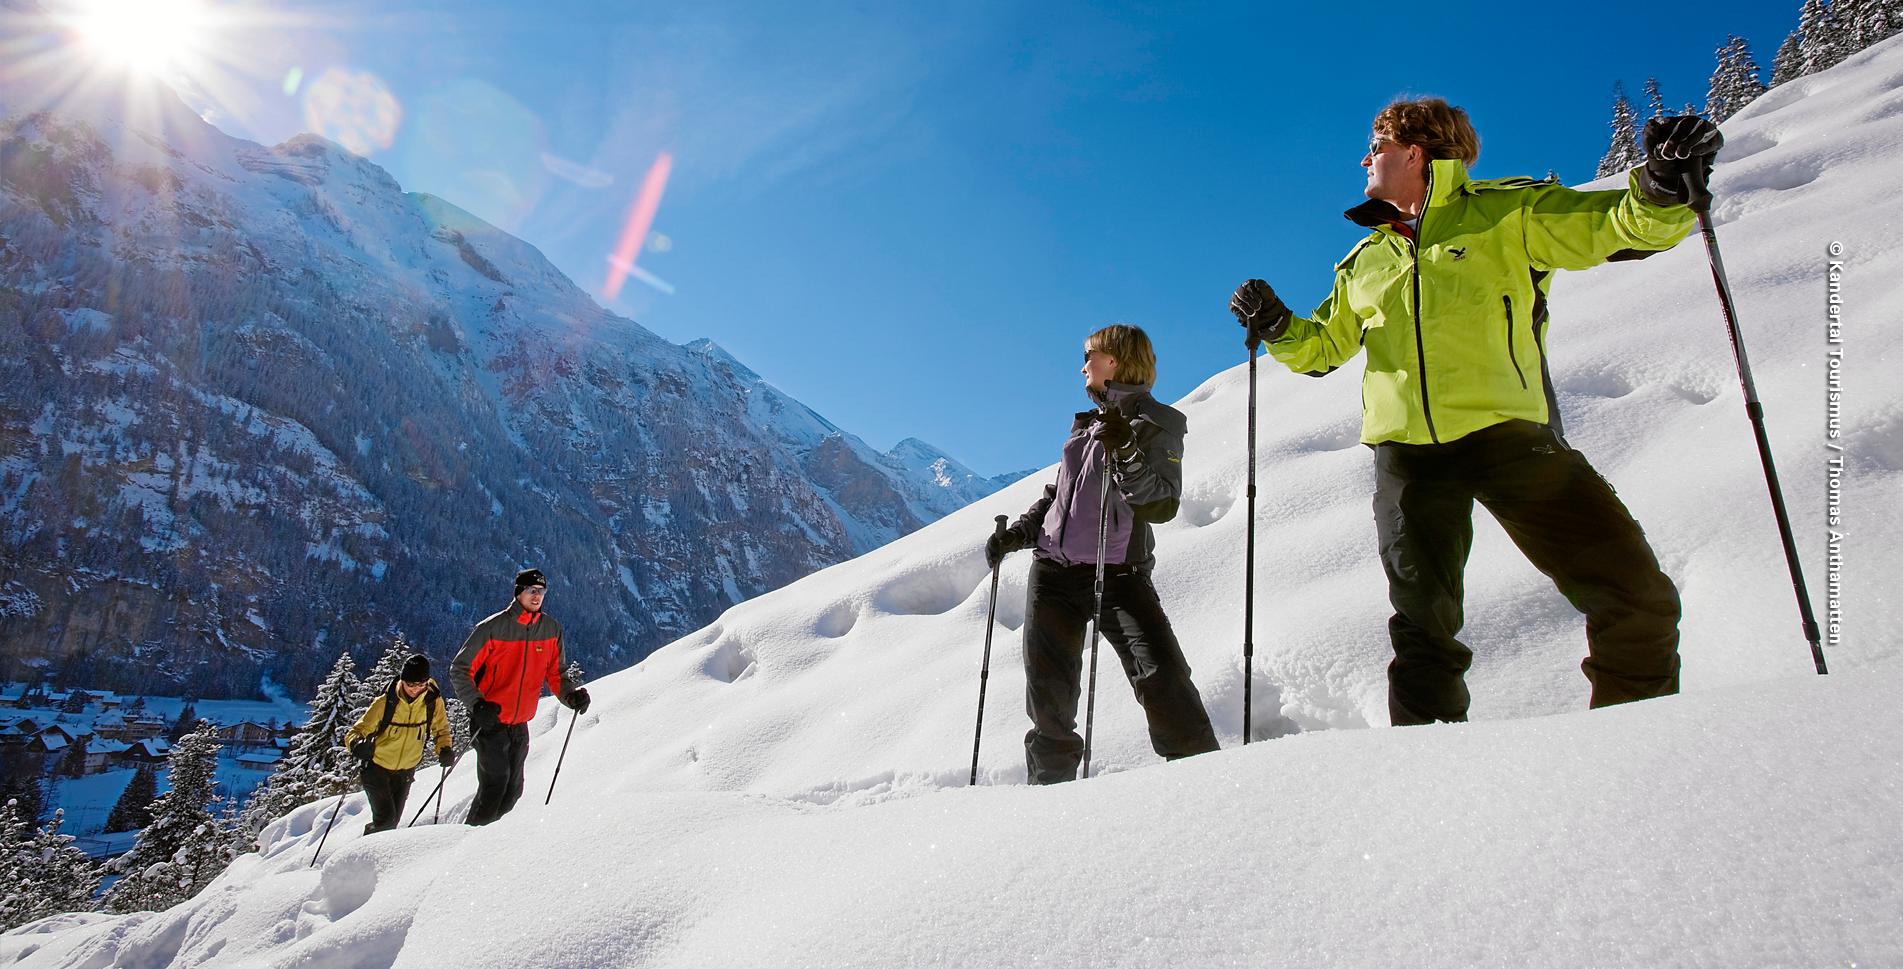 """Schneeschuhtour von Kanderteg im Kandertal auf dem Höh Trail hinauf zum Aussichtspunkt Risete-Egge"""" und durch den Höhwald und wieder zurück nach Kandersteg"""